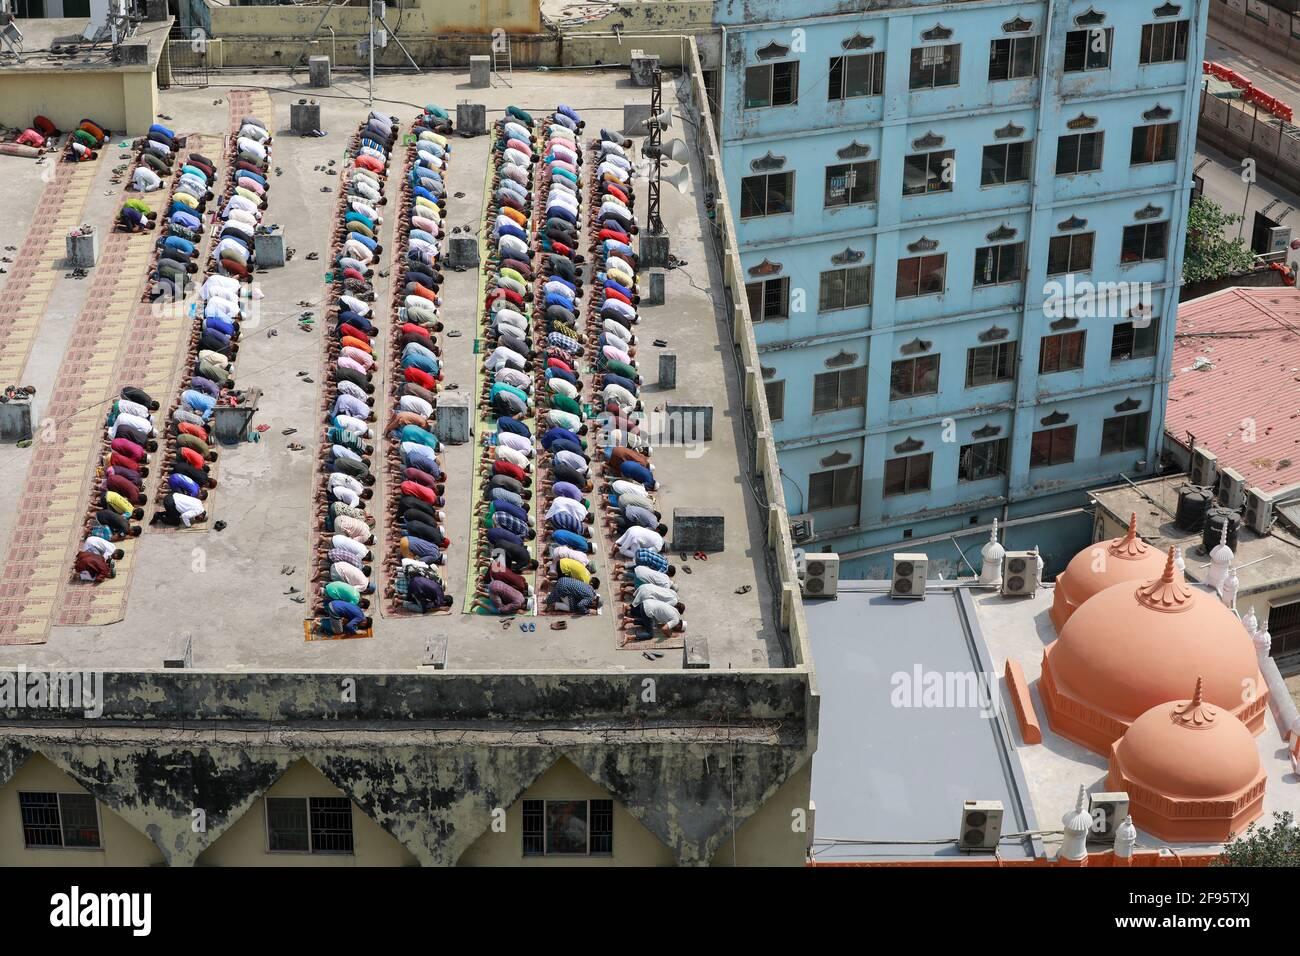 Dhaka, Bangladesch. April 2021. Während des heiligen Monats Ramadan in Dhaka, Bangladesch, am 16. April 2021, beten Menschen am Freitag. Bangladesch setzt umfangreiche soziale Beschränkungen ein, die ein striktes Protokoll zur Durchführung von gemeinsamen Gebeten beinhalten, wie das Tragen von Gesichtsmaske, die Bereitstellung von Desinfektionsmitteln, physische Distanzierungen, um die Ausbreitung von COVID-19 zu verhindern. Quelle: Suvra Kanti das/ZUMA Wire/Alamy Live News Stockfoto